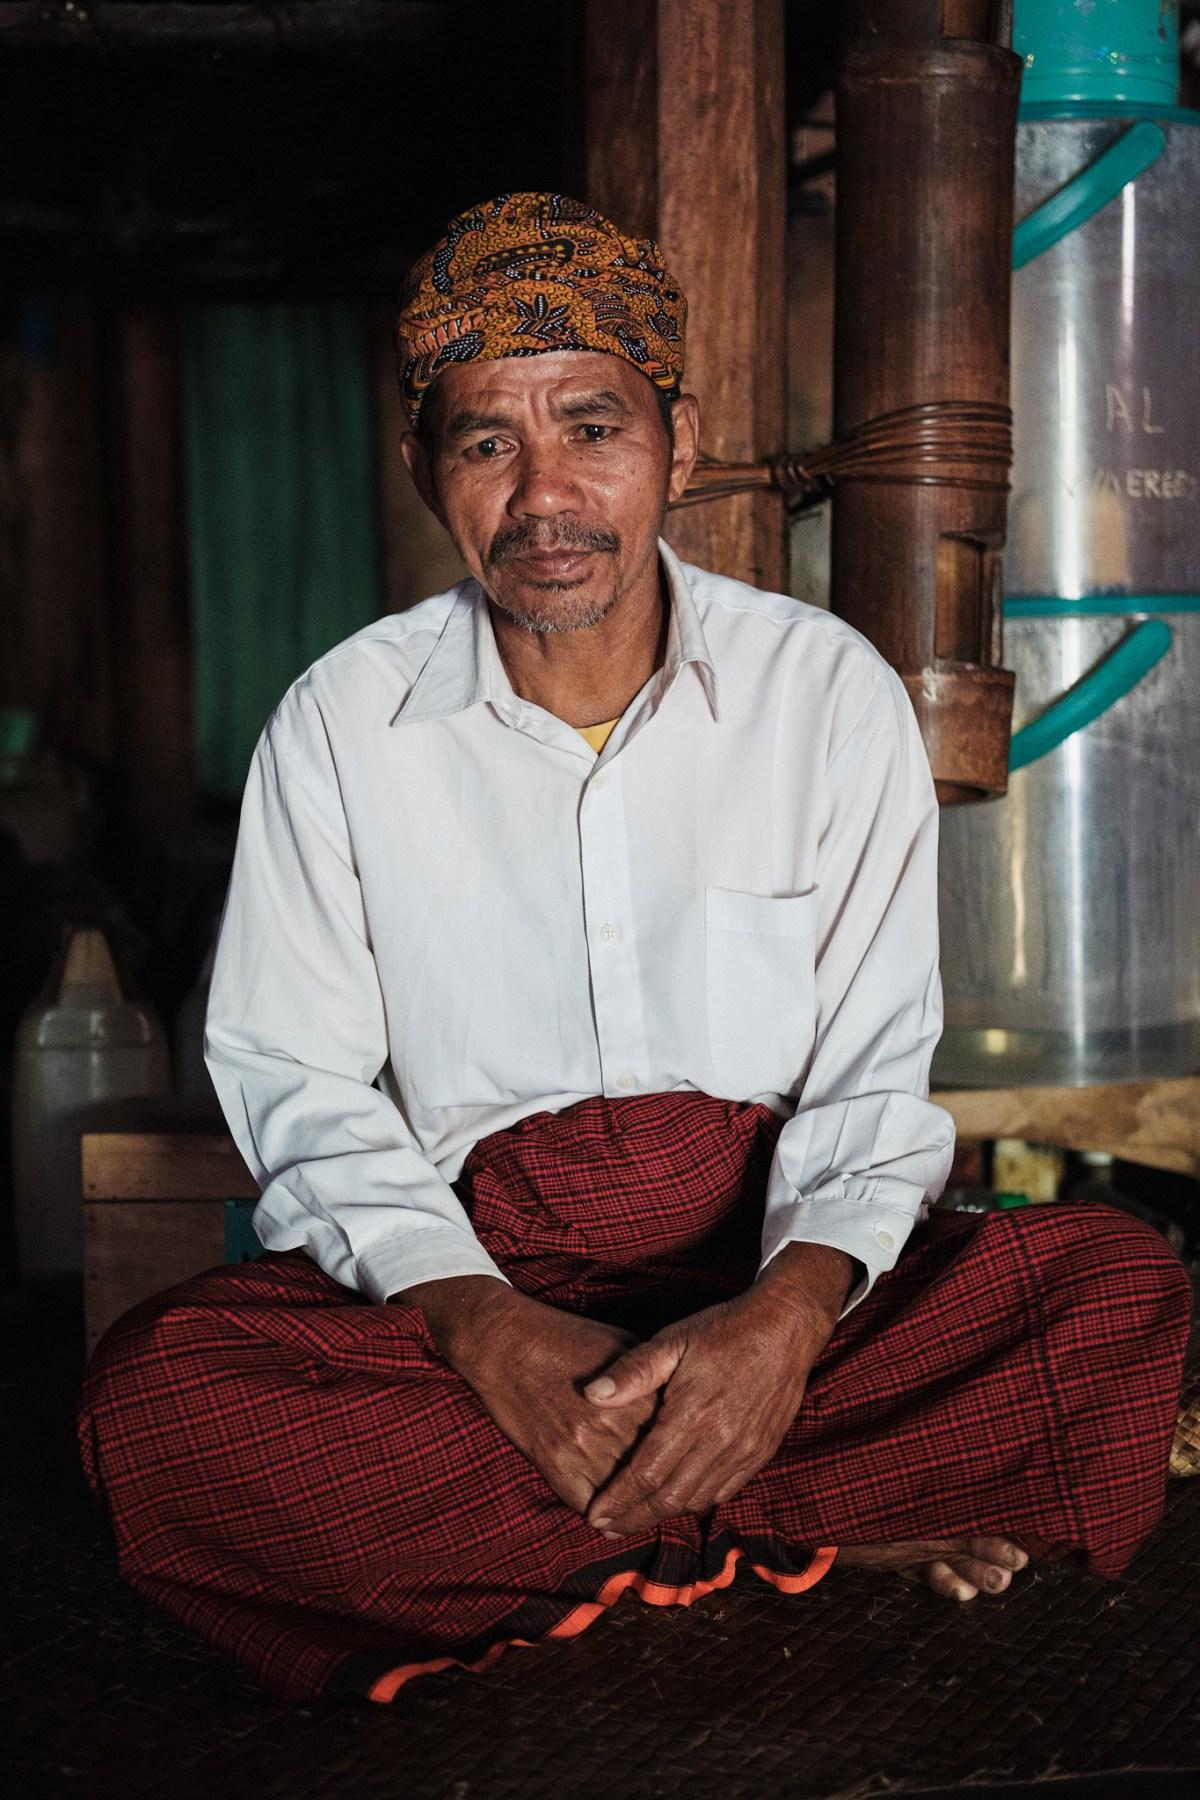 Starešina Paulus v vasici Waerebo, Flores